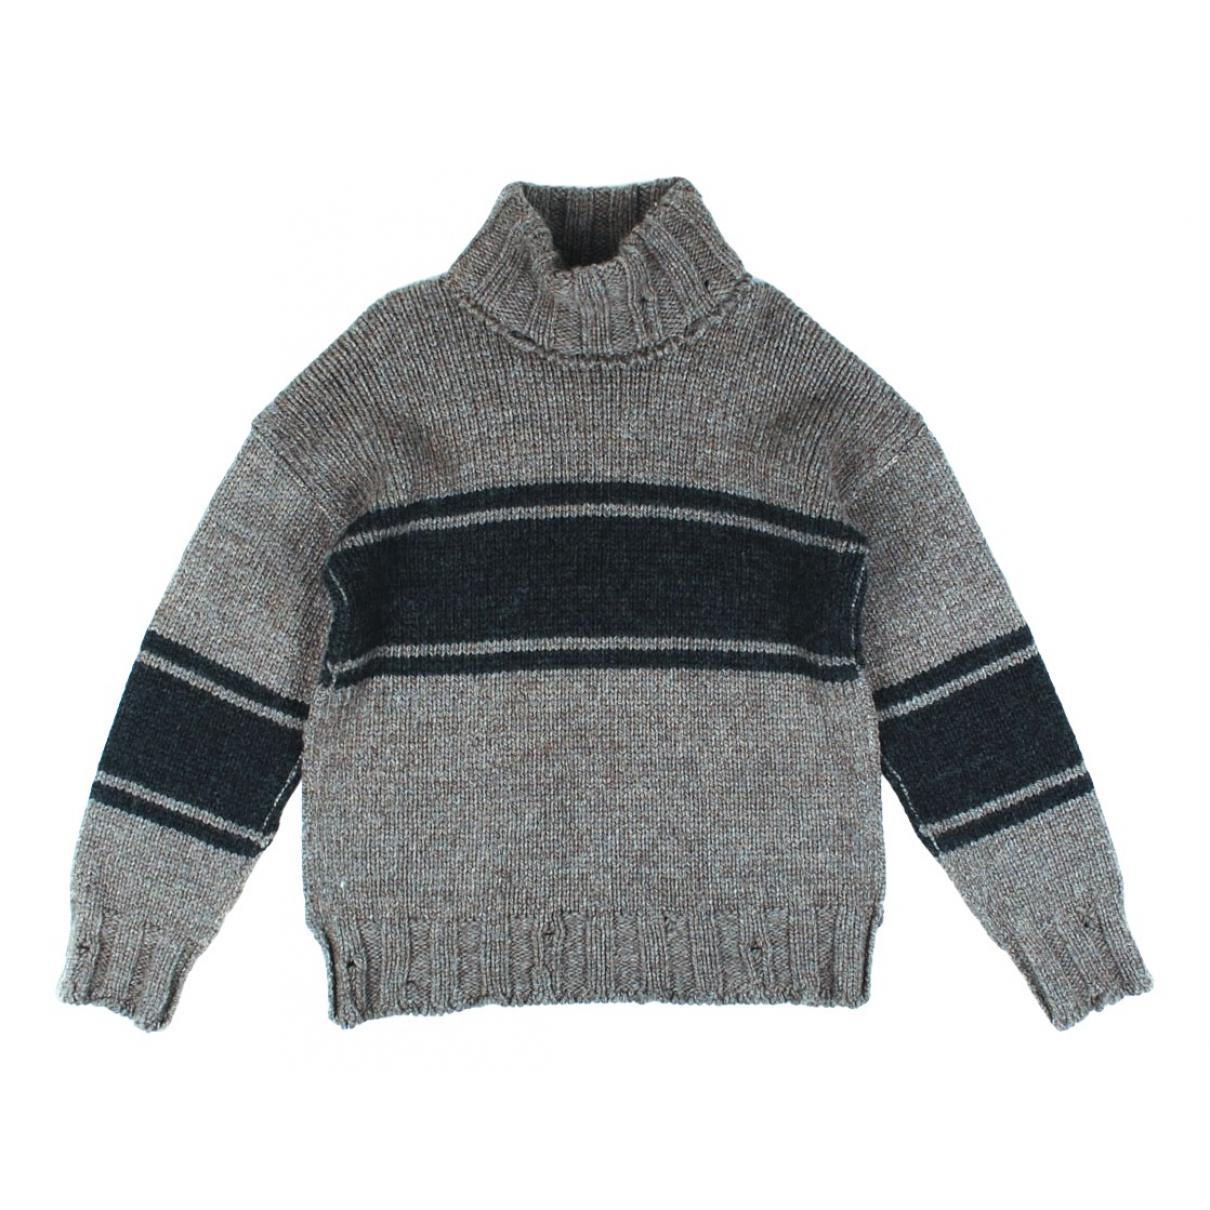 Dolce & Gabbana - Pulls.Gilets.Sweats   pour homme en laine - gris